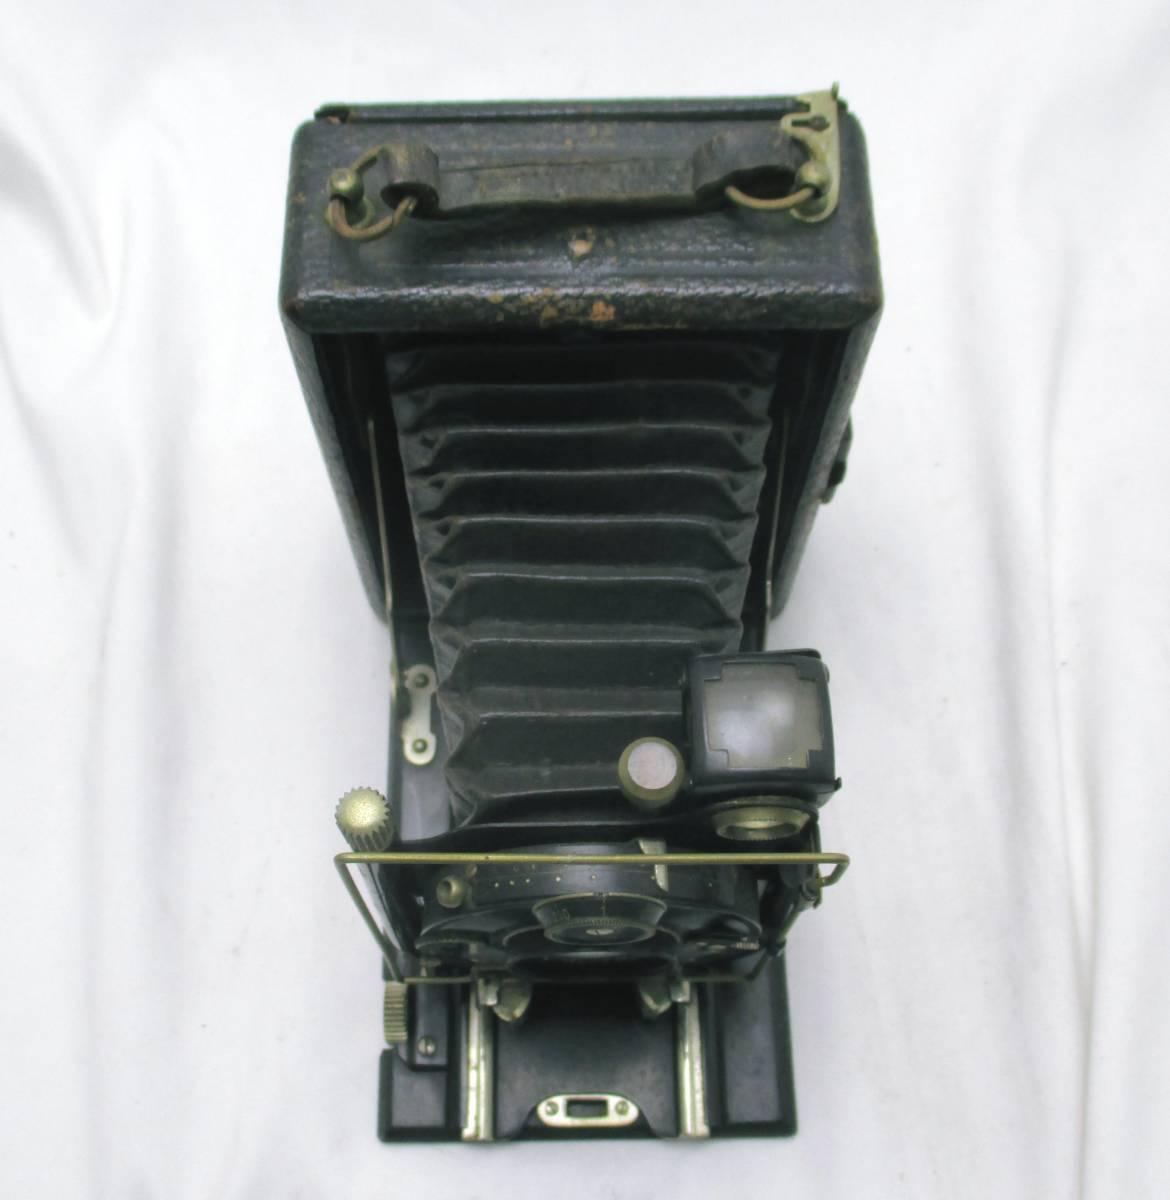 蛇腹カメラ COMPUR レンズ RODENSTOCK Munchen DOPPEL ANASTIGMAT ERYNAR 1:4.5 F=10.5cm★ジャンク 【a0460523】_画像5